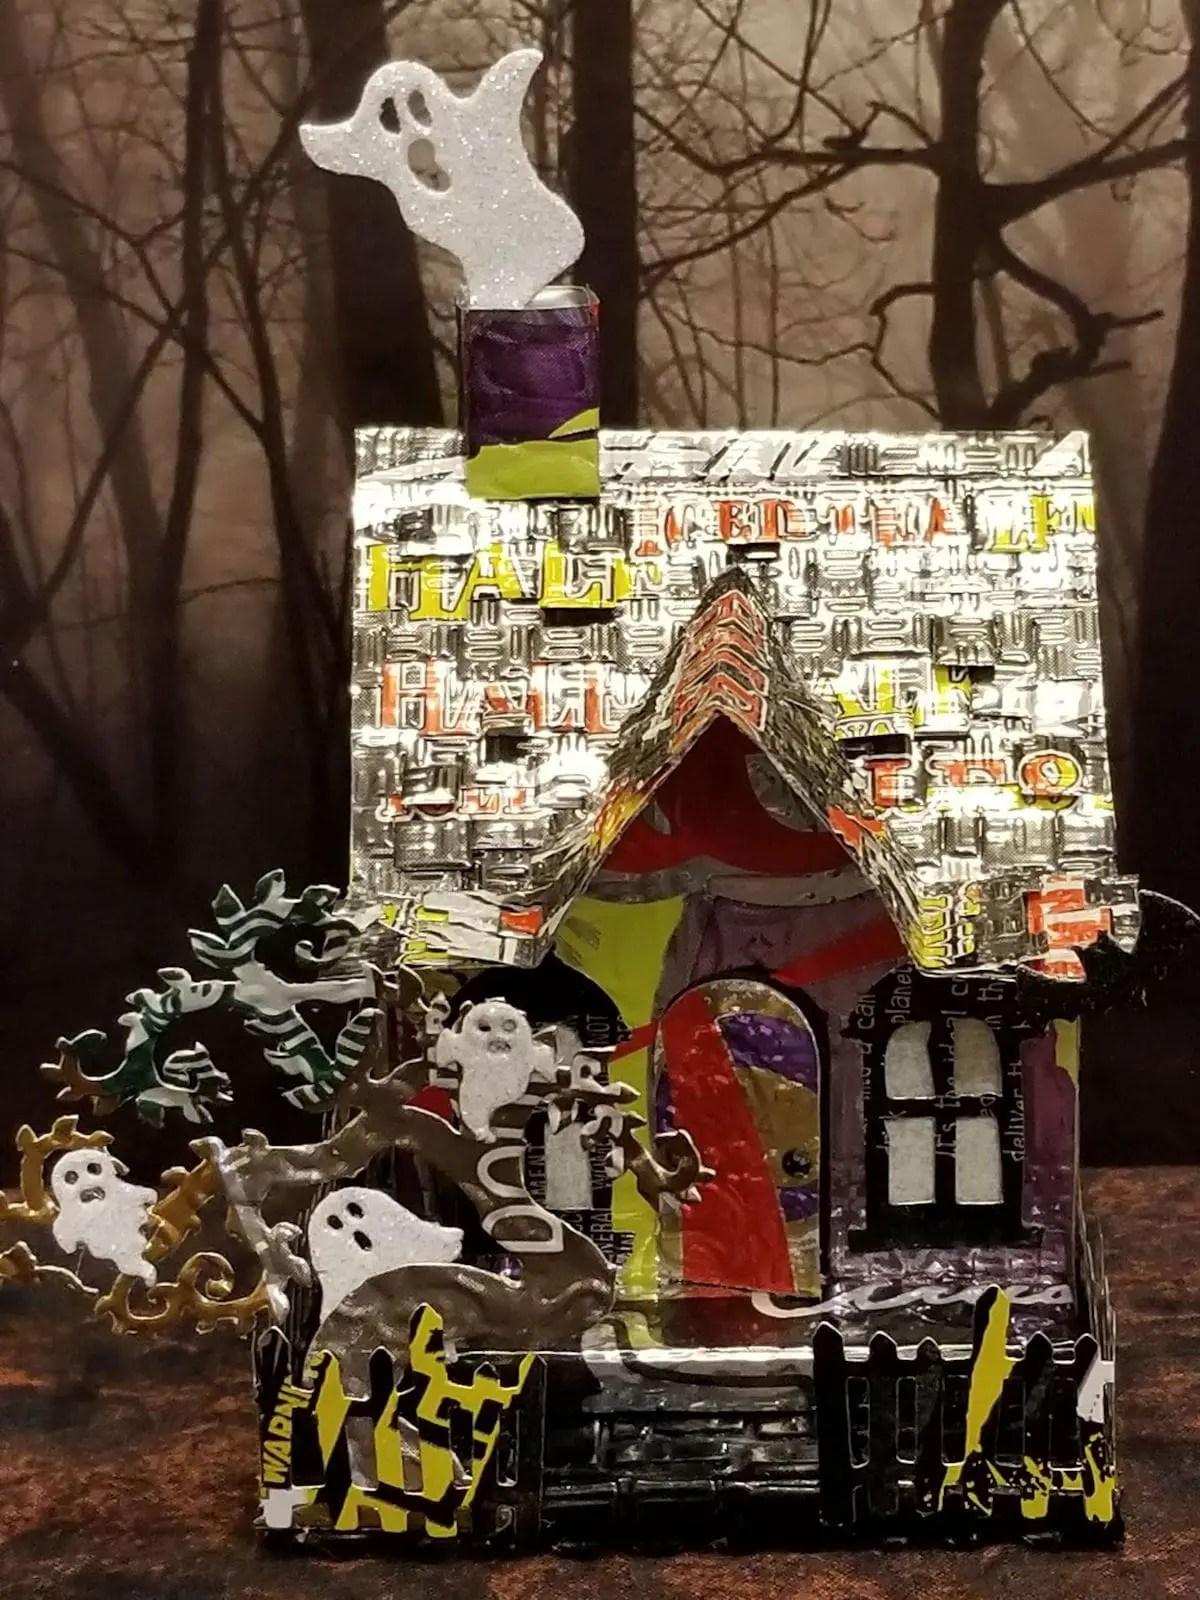 Halloween House #2 aluminum can house